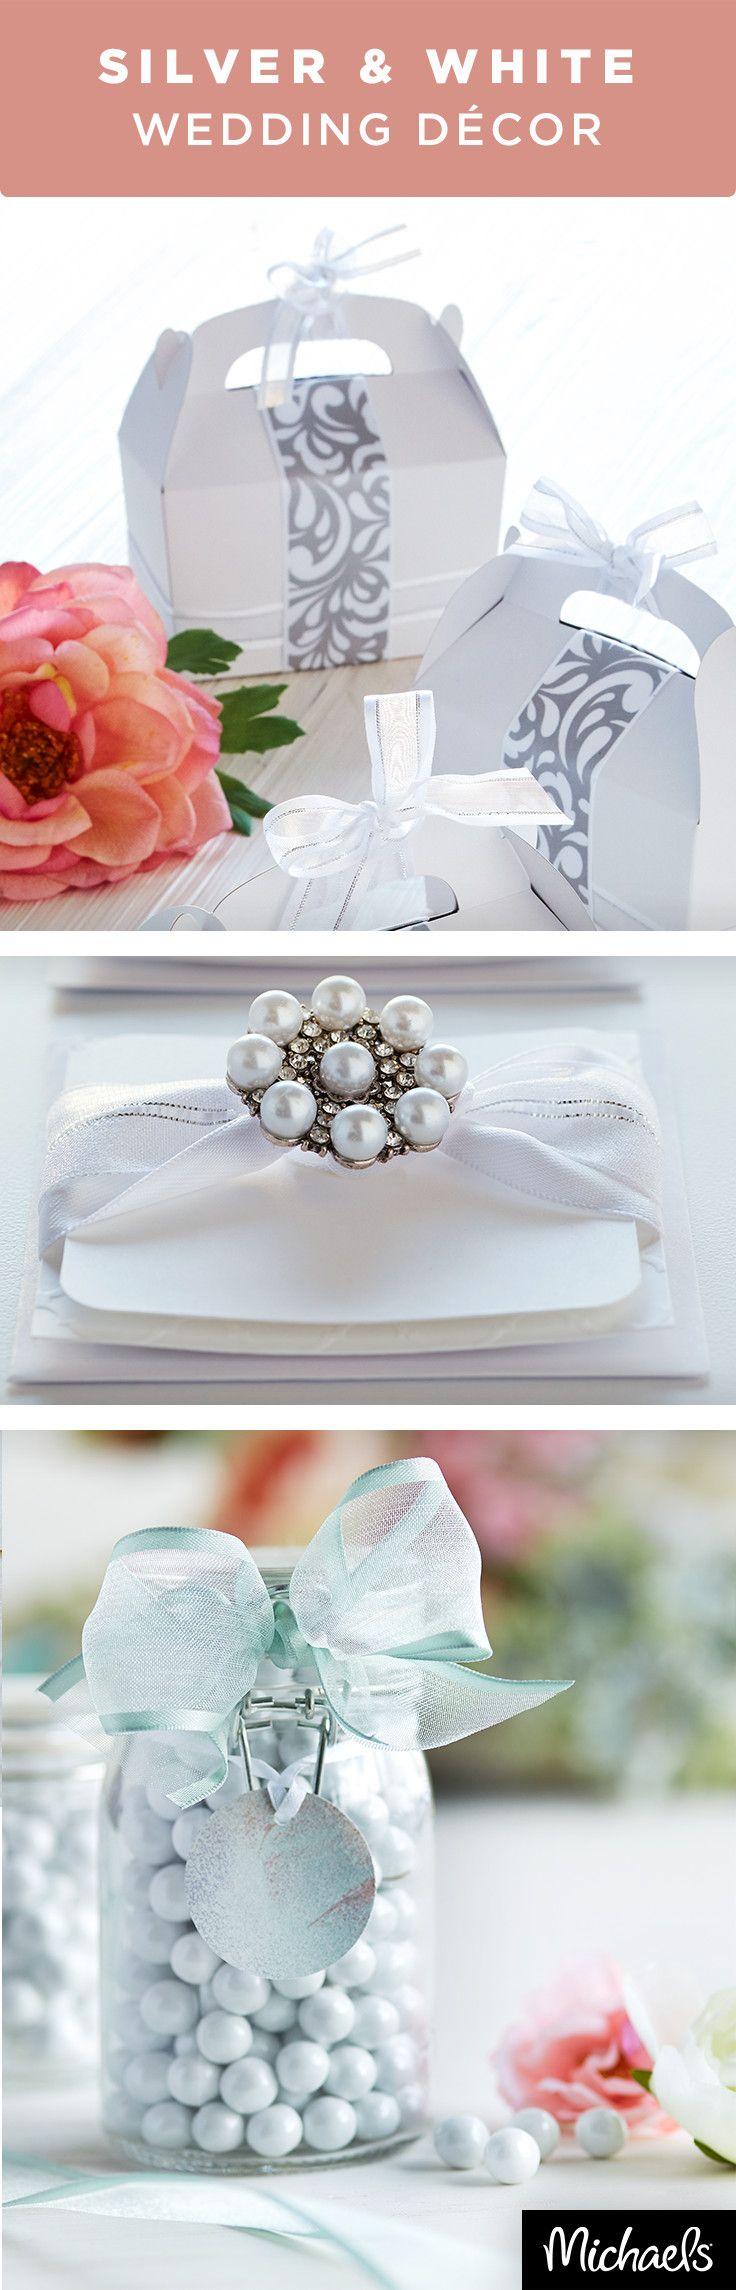 Wedding Favor Boxes Michaels: Celebrate it occasions burlap lace ...